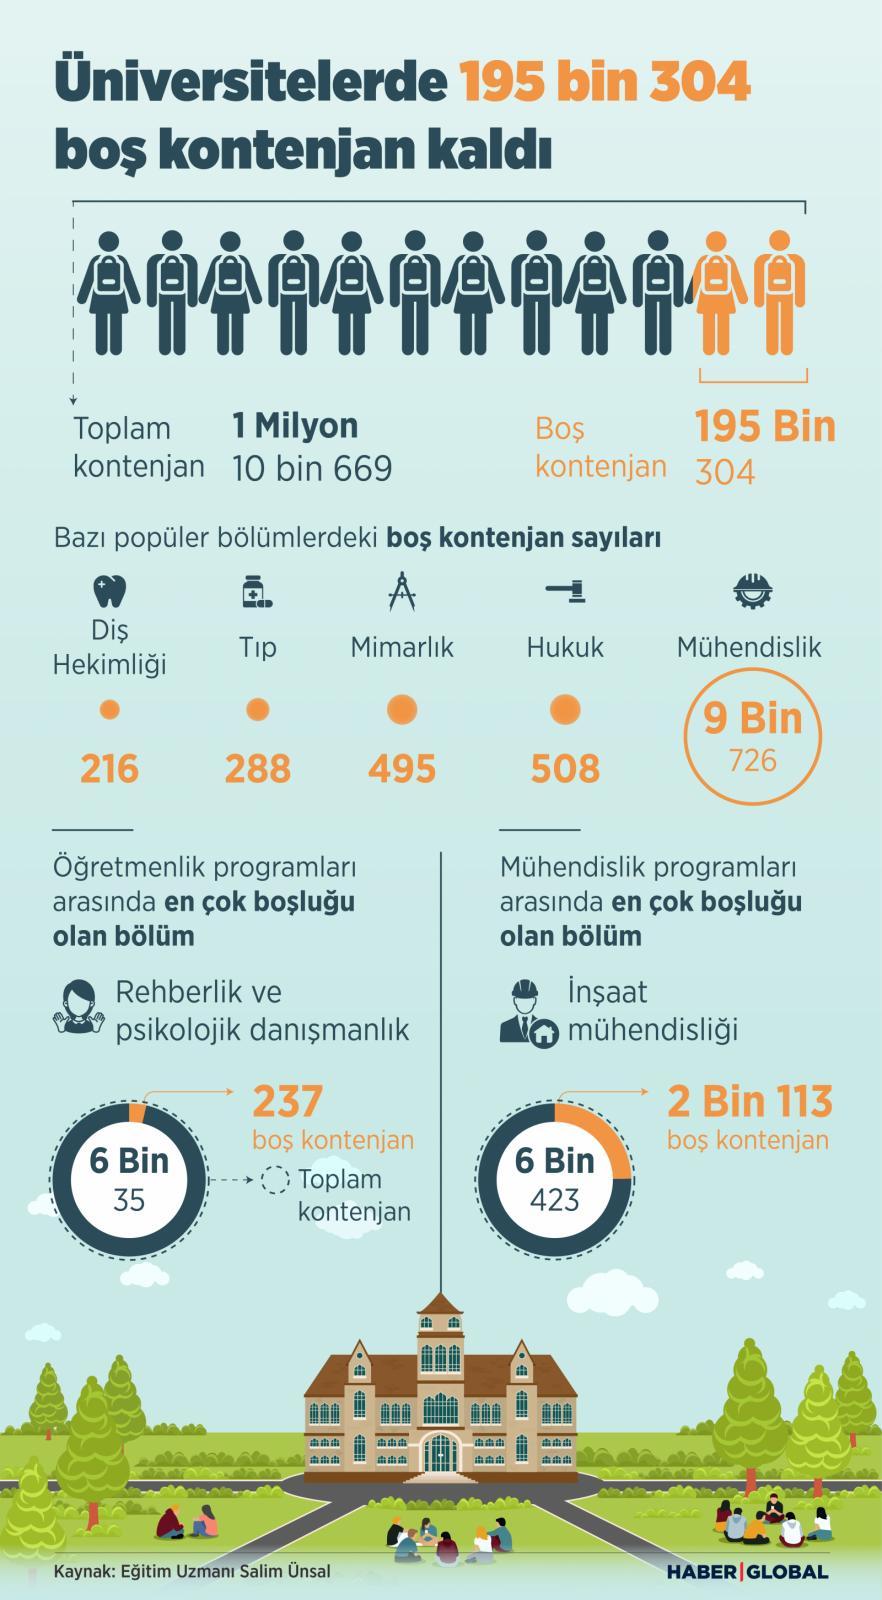 Üniversitelerde 195 bin 304  boş kontenjan kaldı, infografik